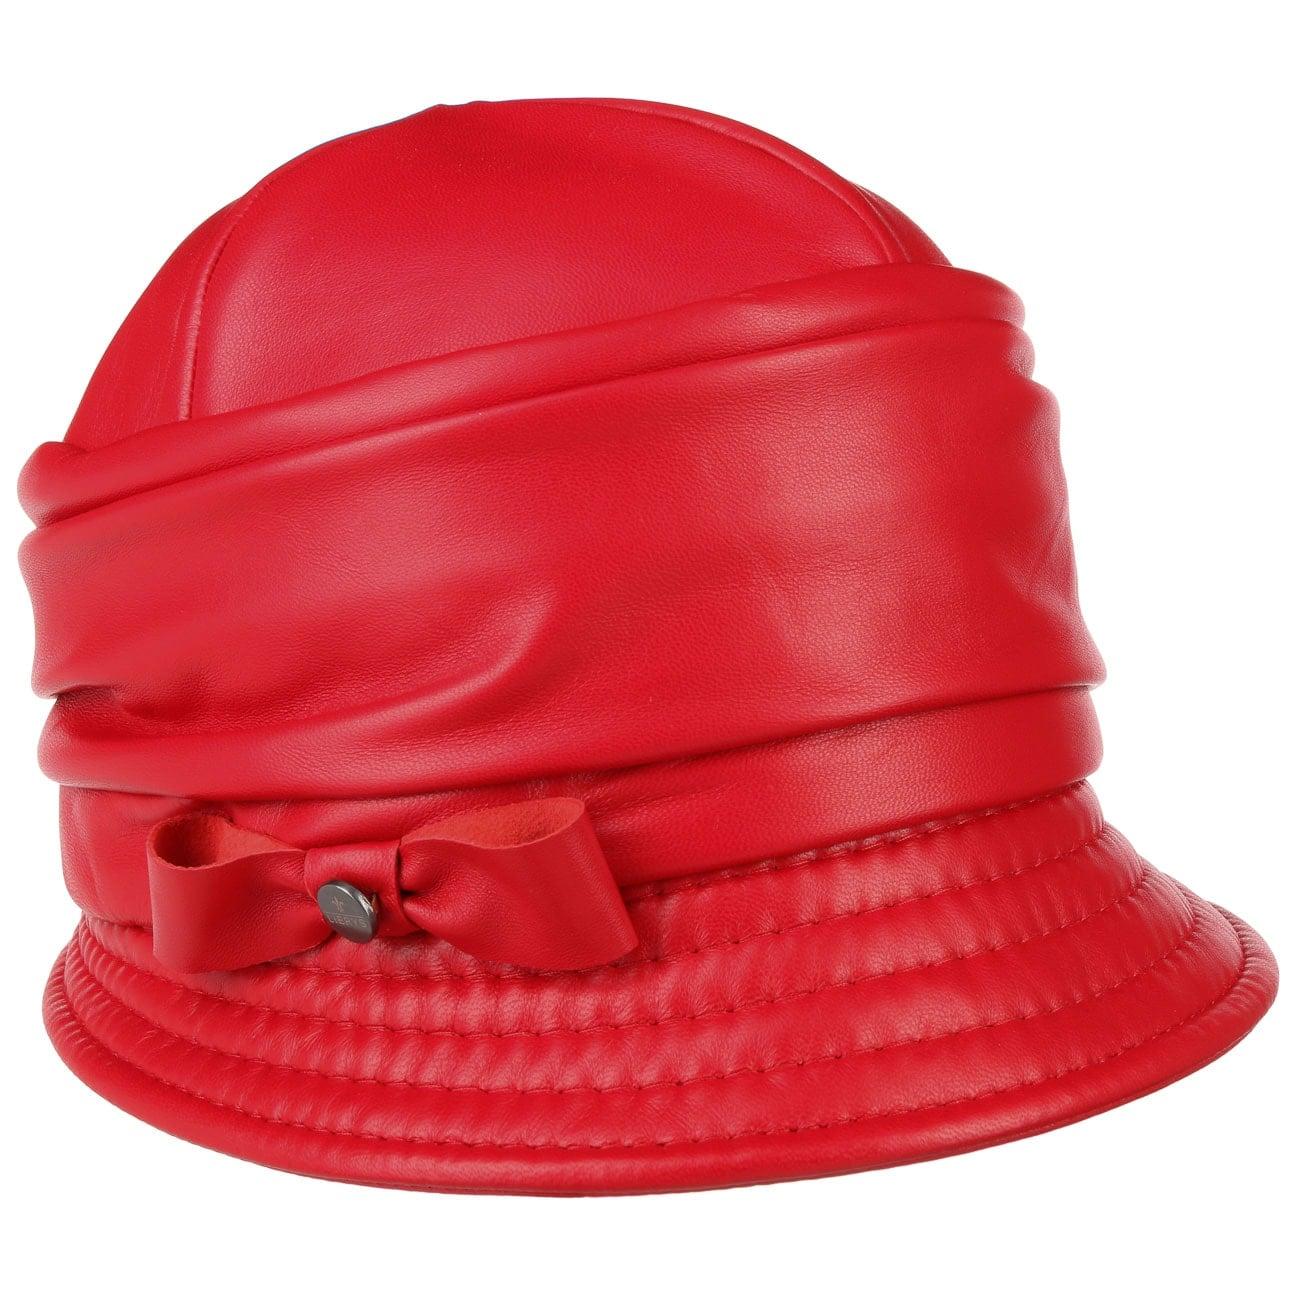 Sombrero Cloch? de Piel Milana by Lierys  sombrero de piel